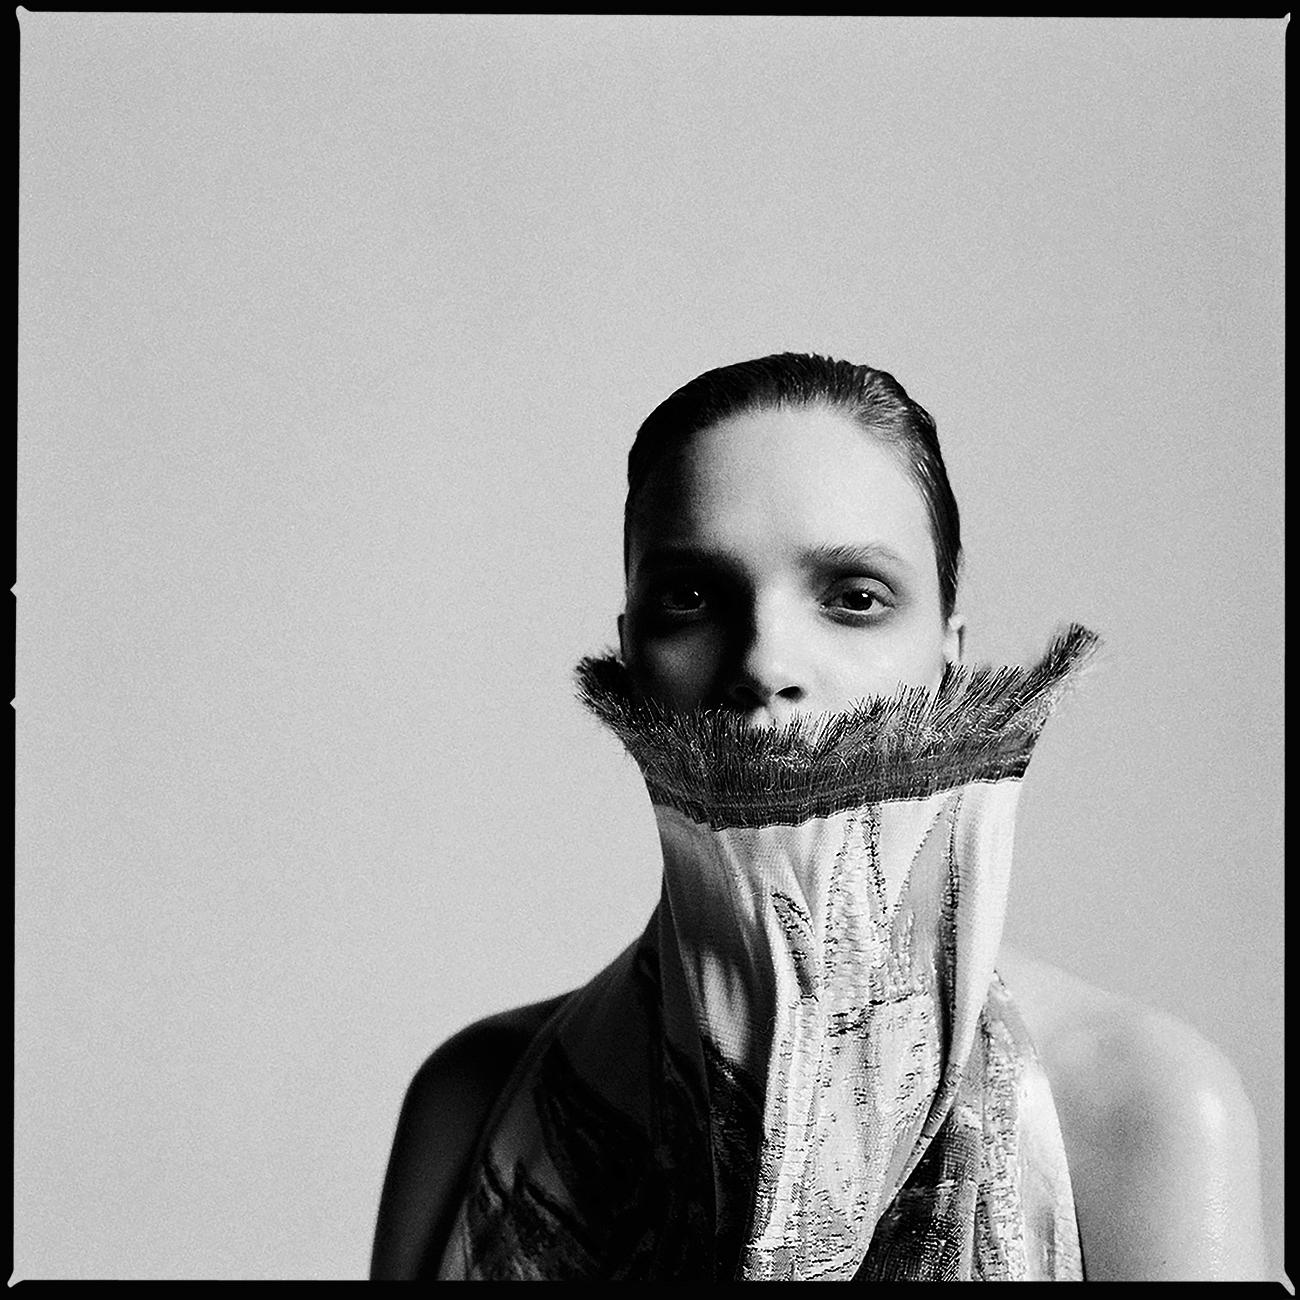 Untold Story - Hanne van Ooij by Cristian Davila Hernandez